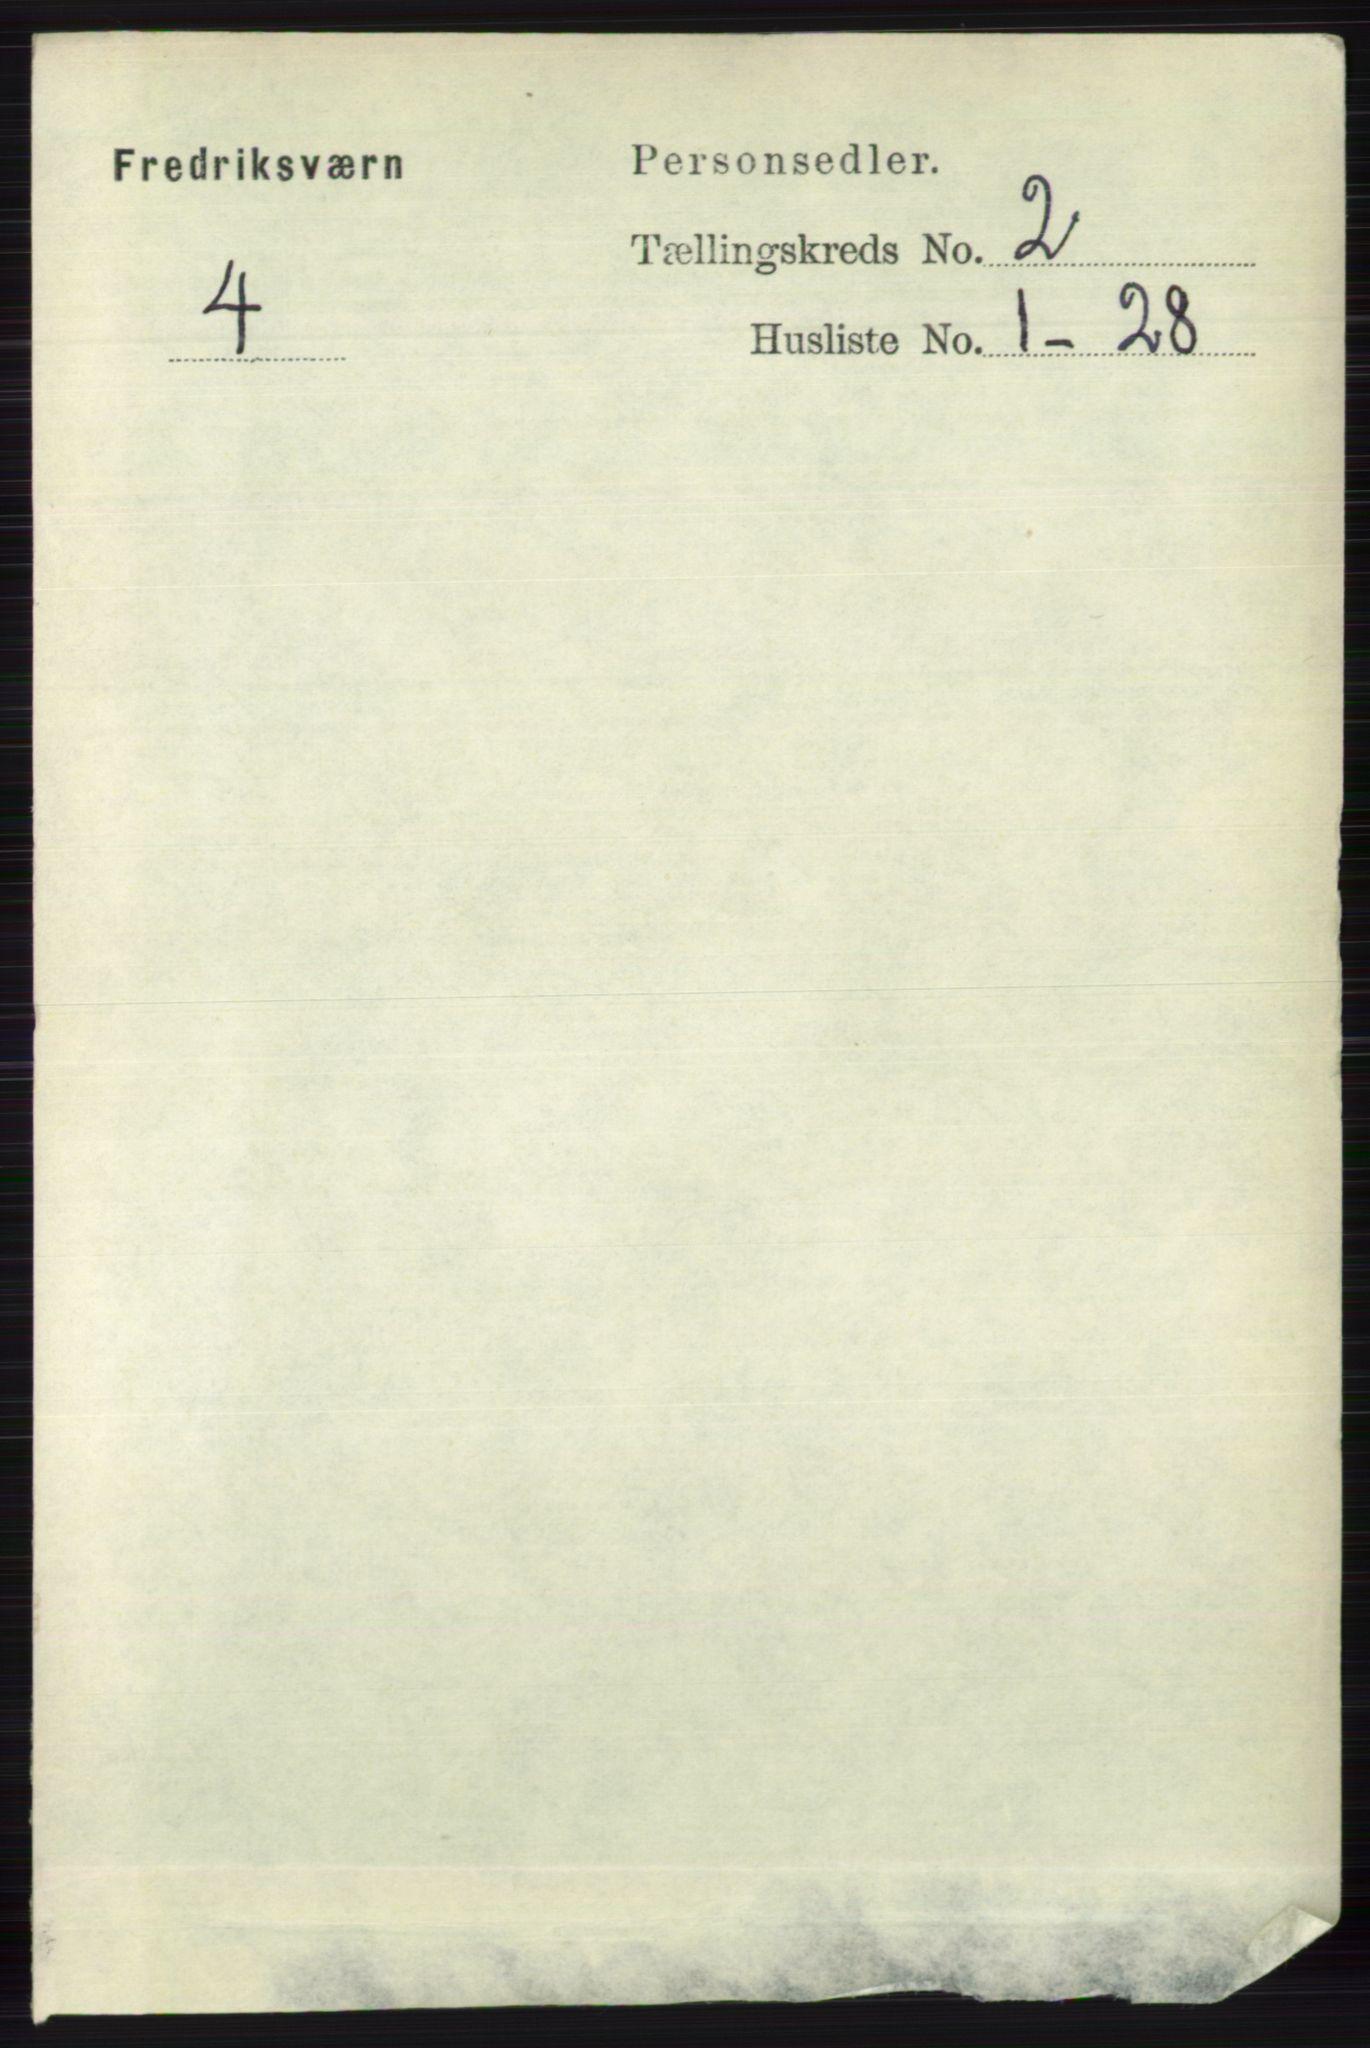 RA, Folketelling 1891 for 0798 Fredriksvern herred, 1891, s. 246